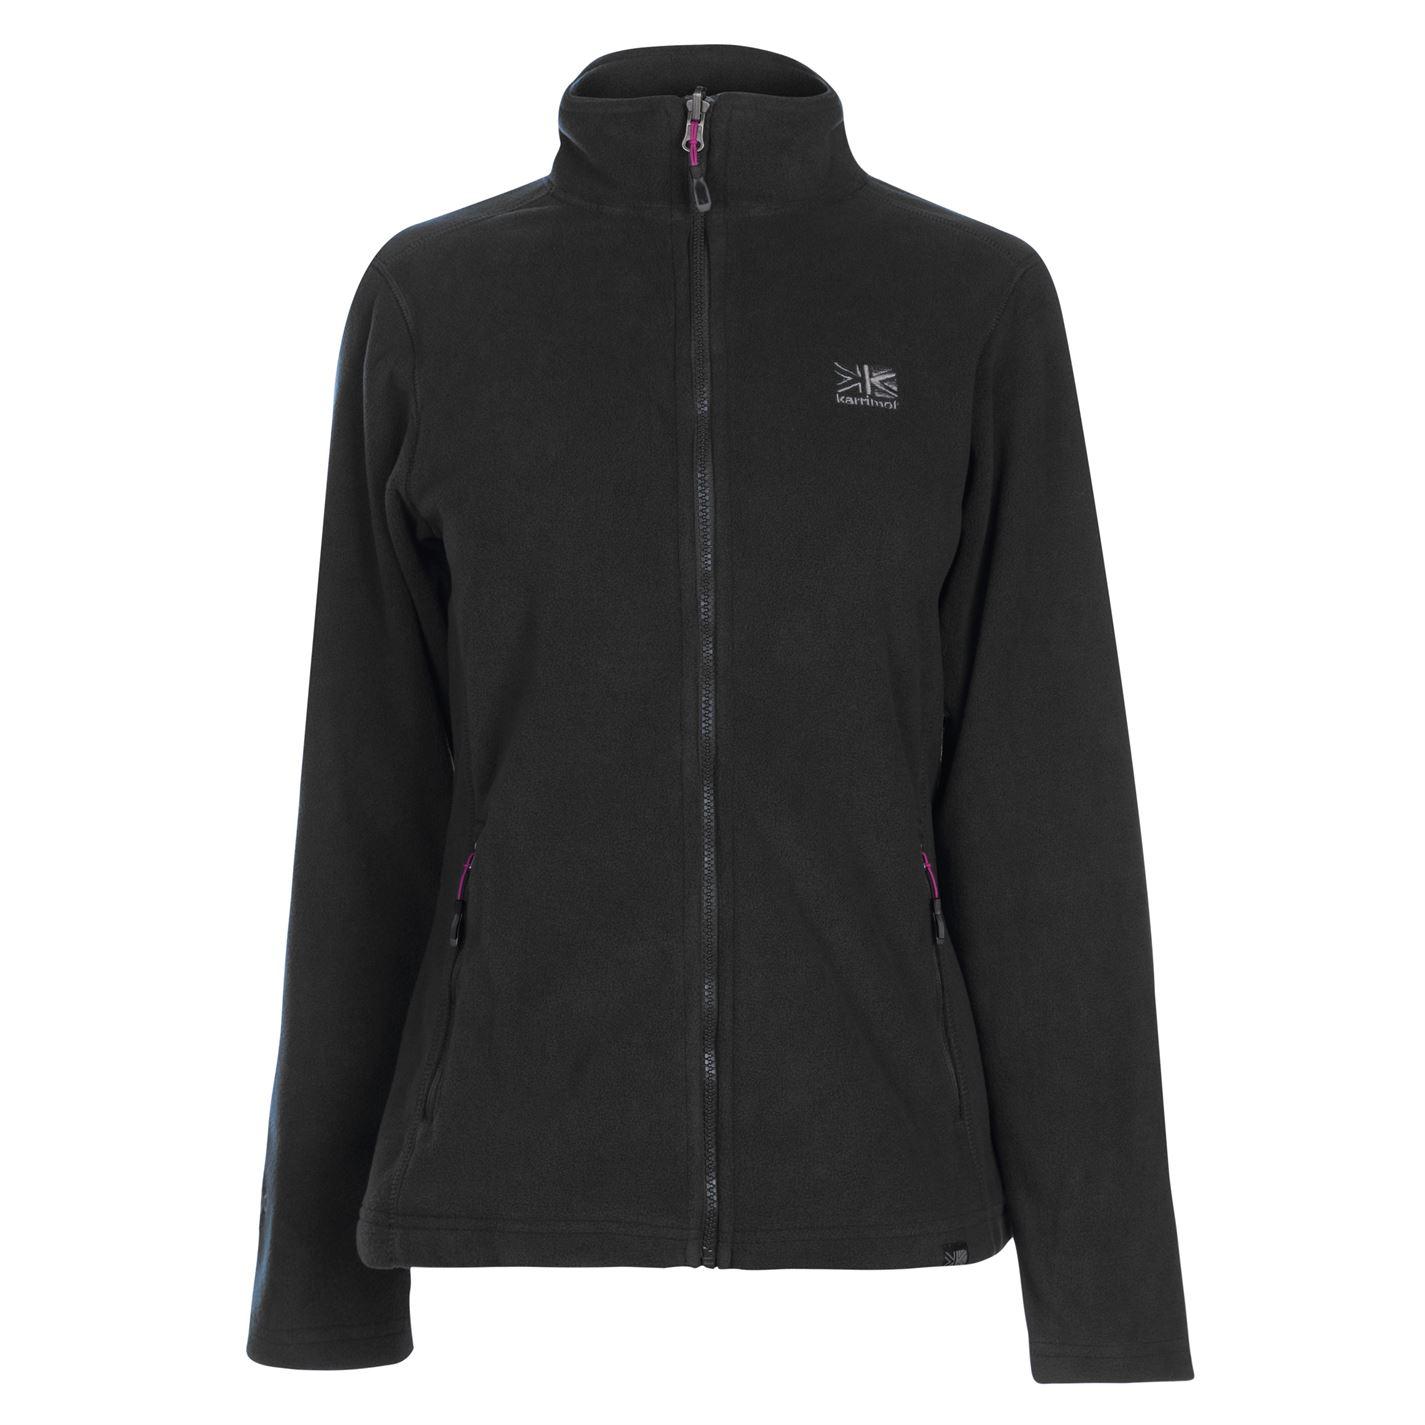 Karrimor Womens 3in1 Jacket Coat Top Ladies Hooded Fleece